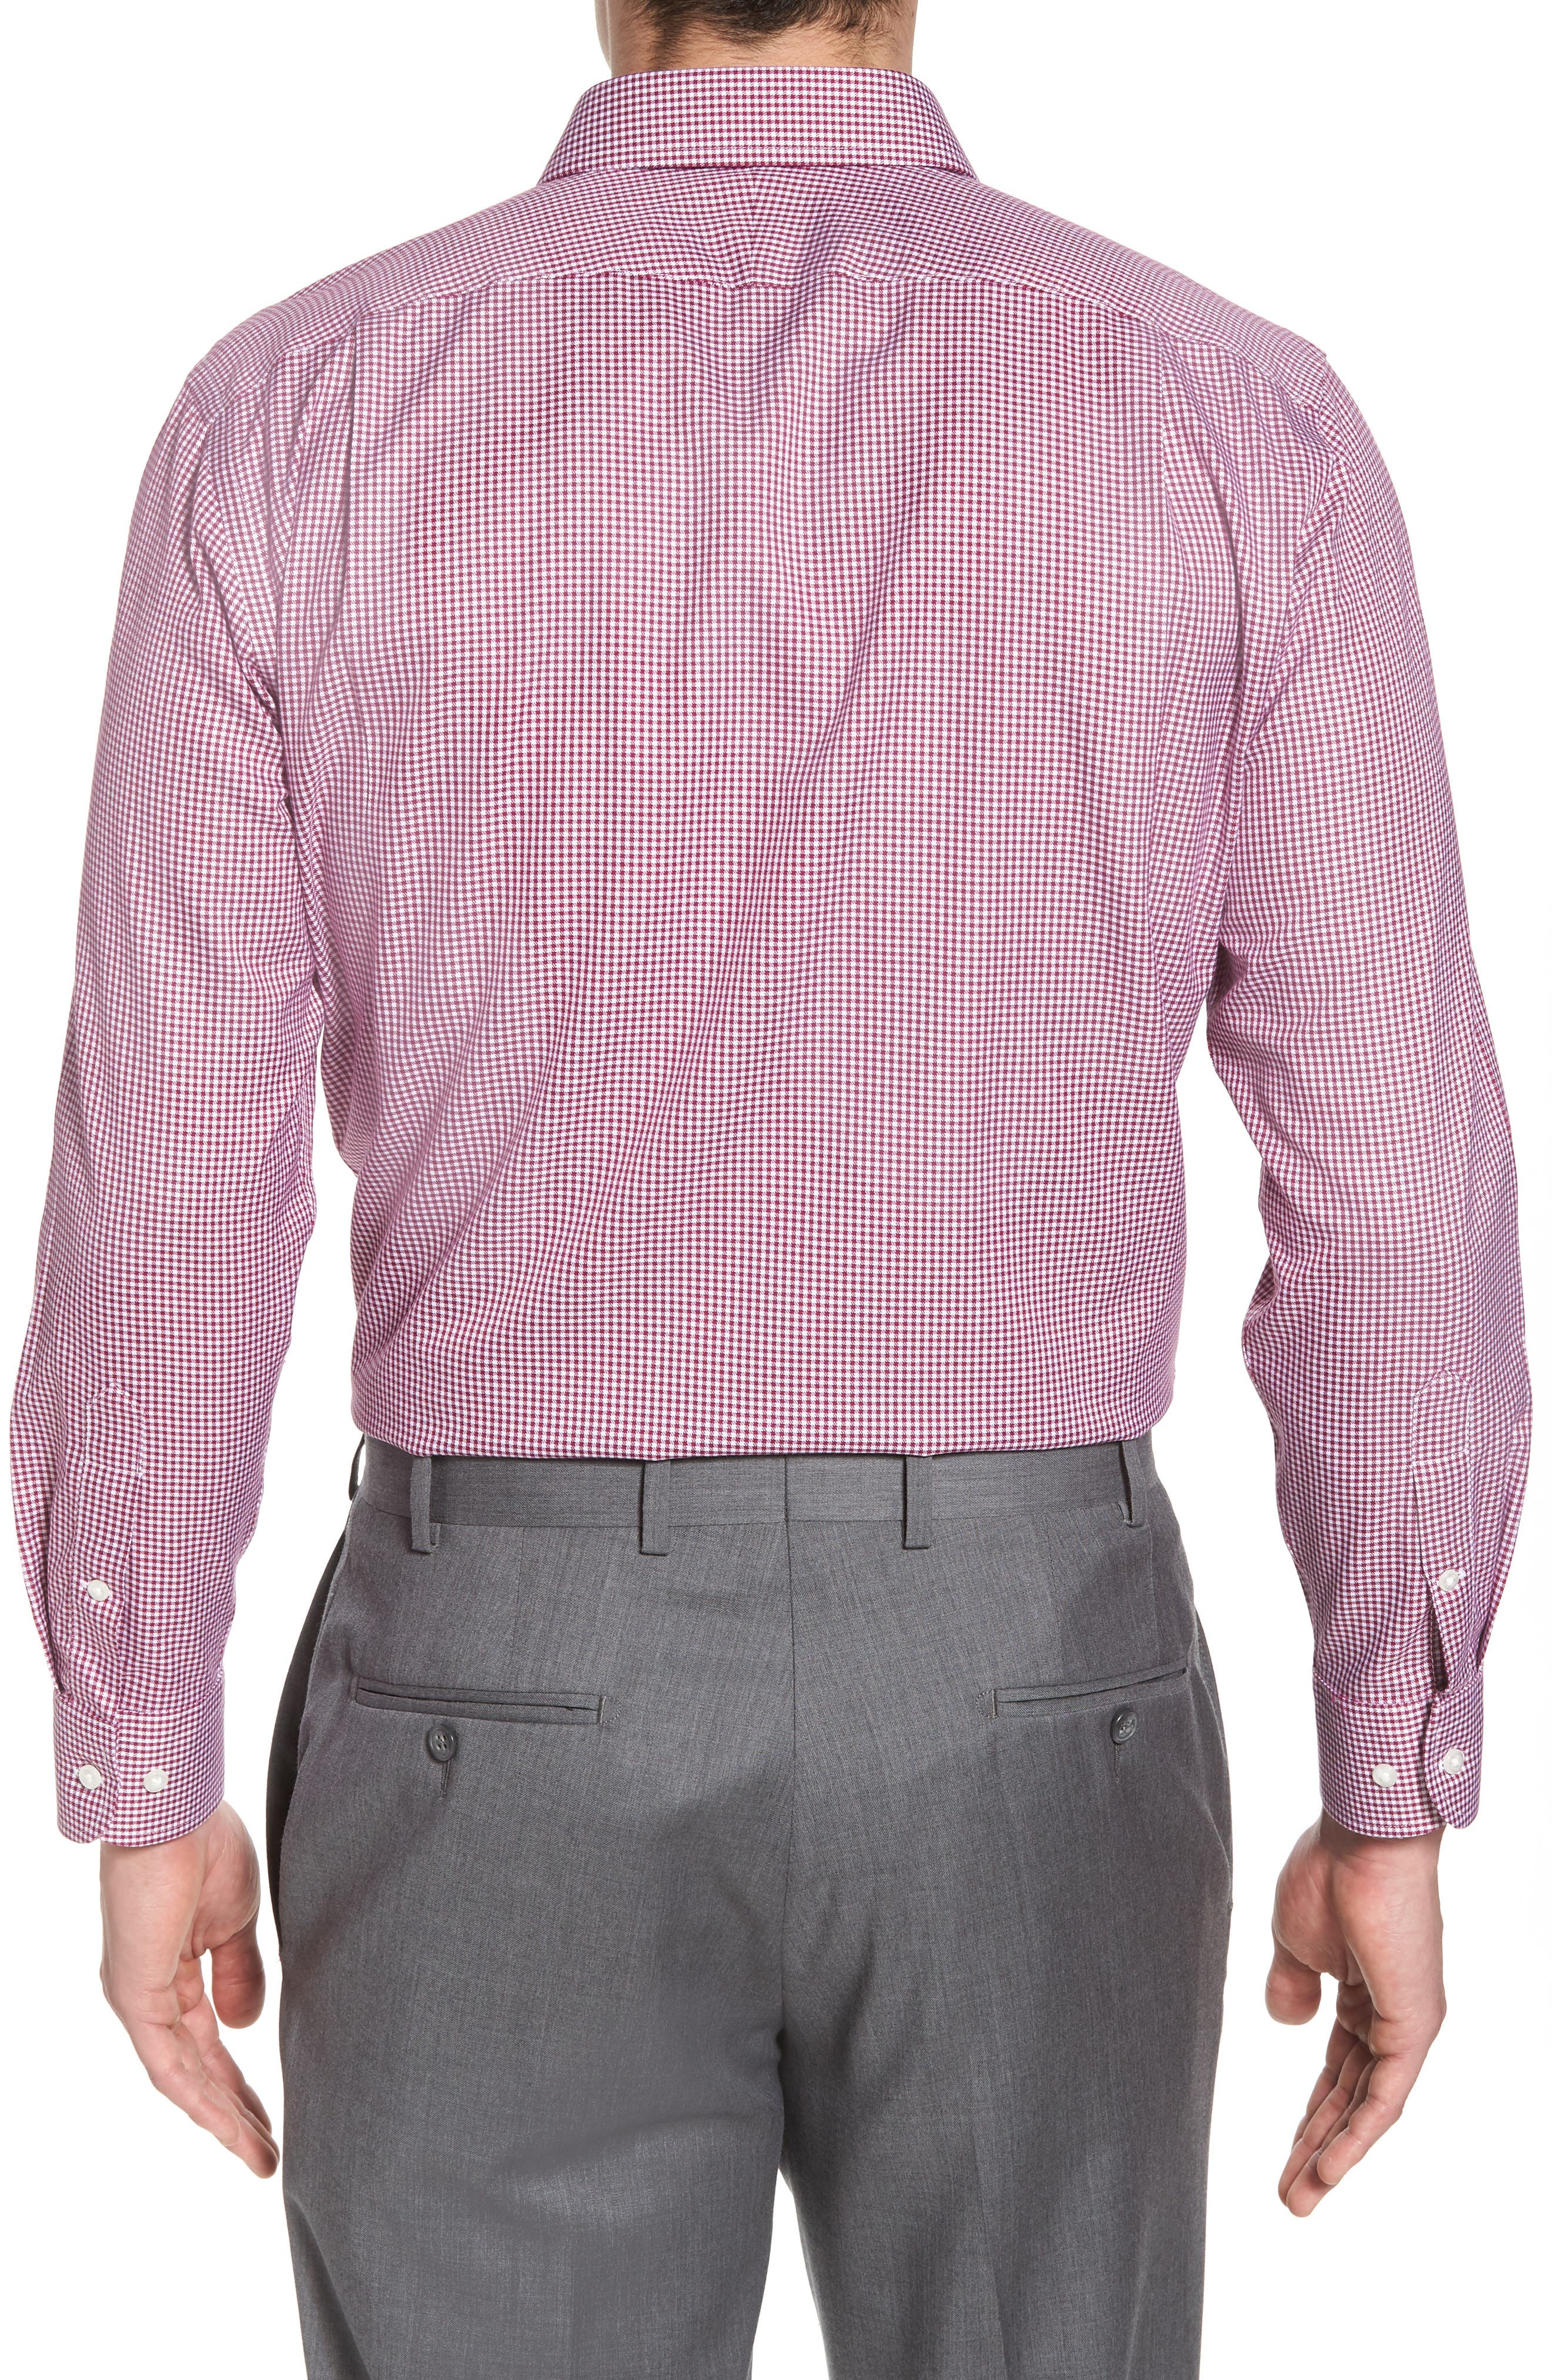 Smartcare<sup>™</sup> Trim Fit Mini Check Dress Shirt,                             Alternate thumbnail 3, color,                             510